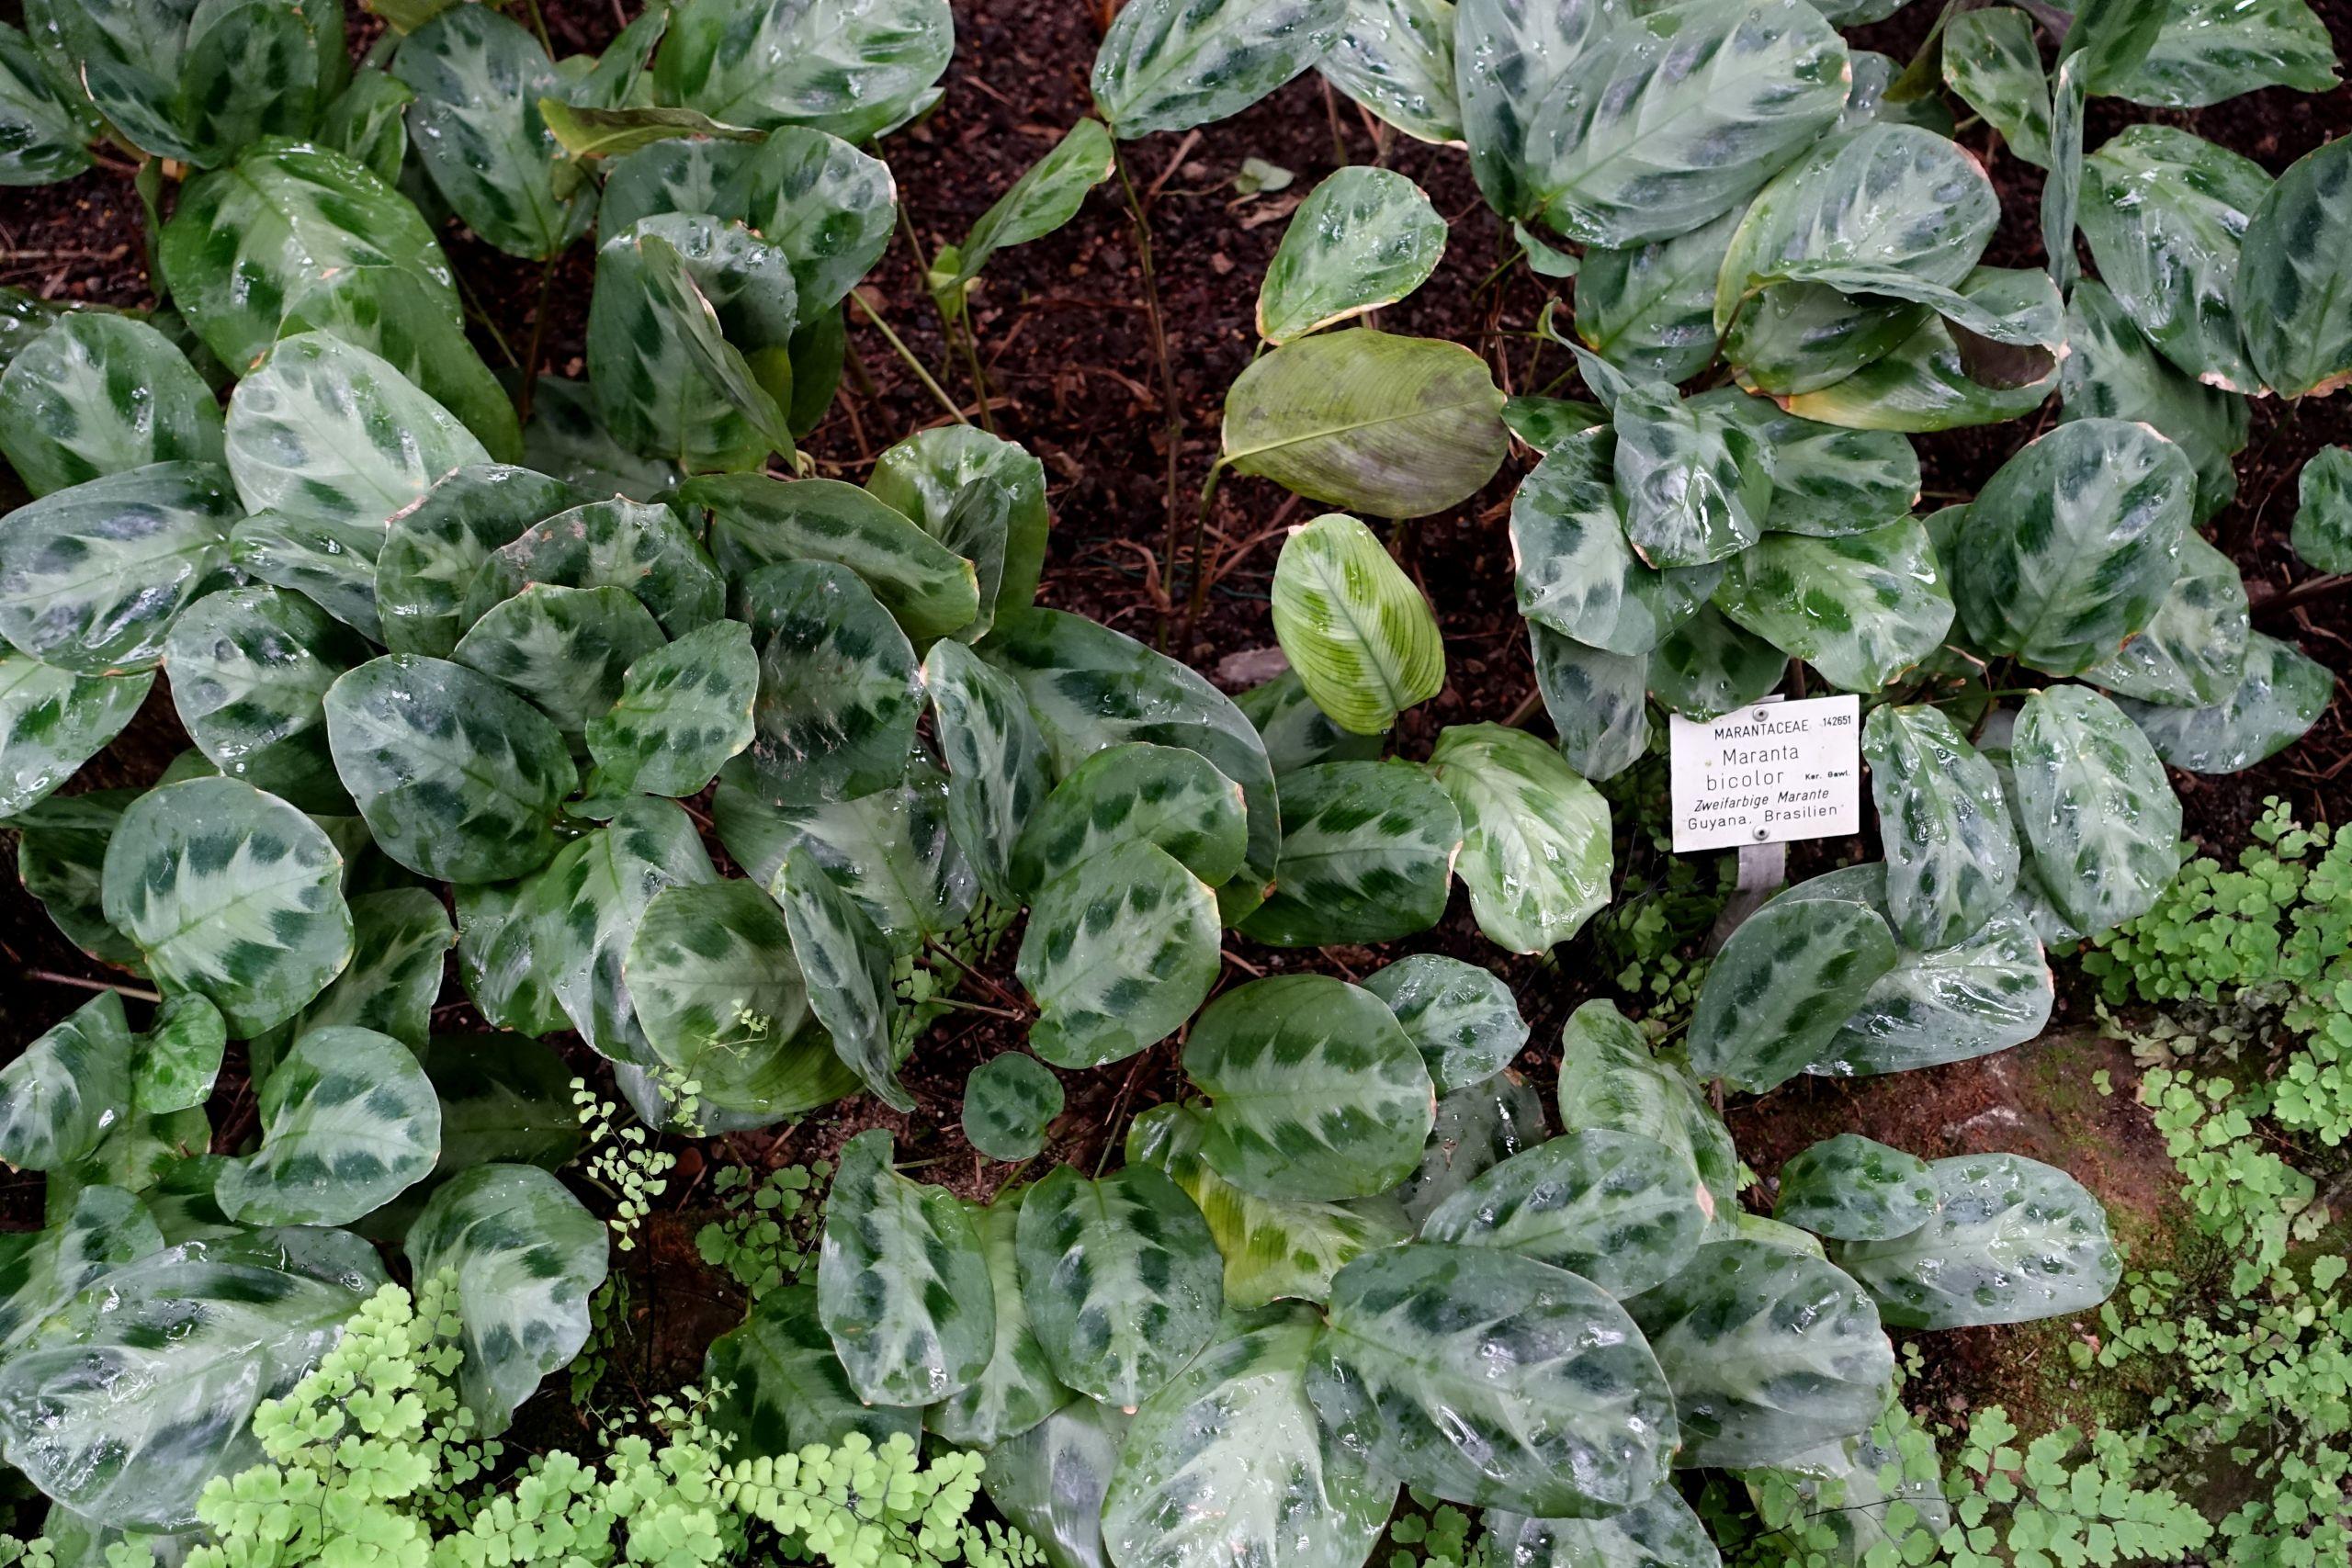 Maranta cristata Maranta bicolor Botanischer Garten Heidelberg Germany DSC